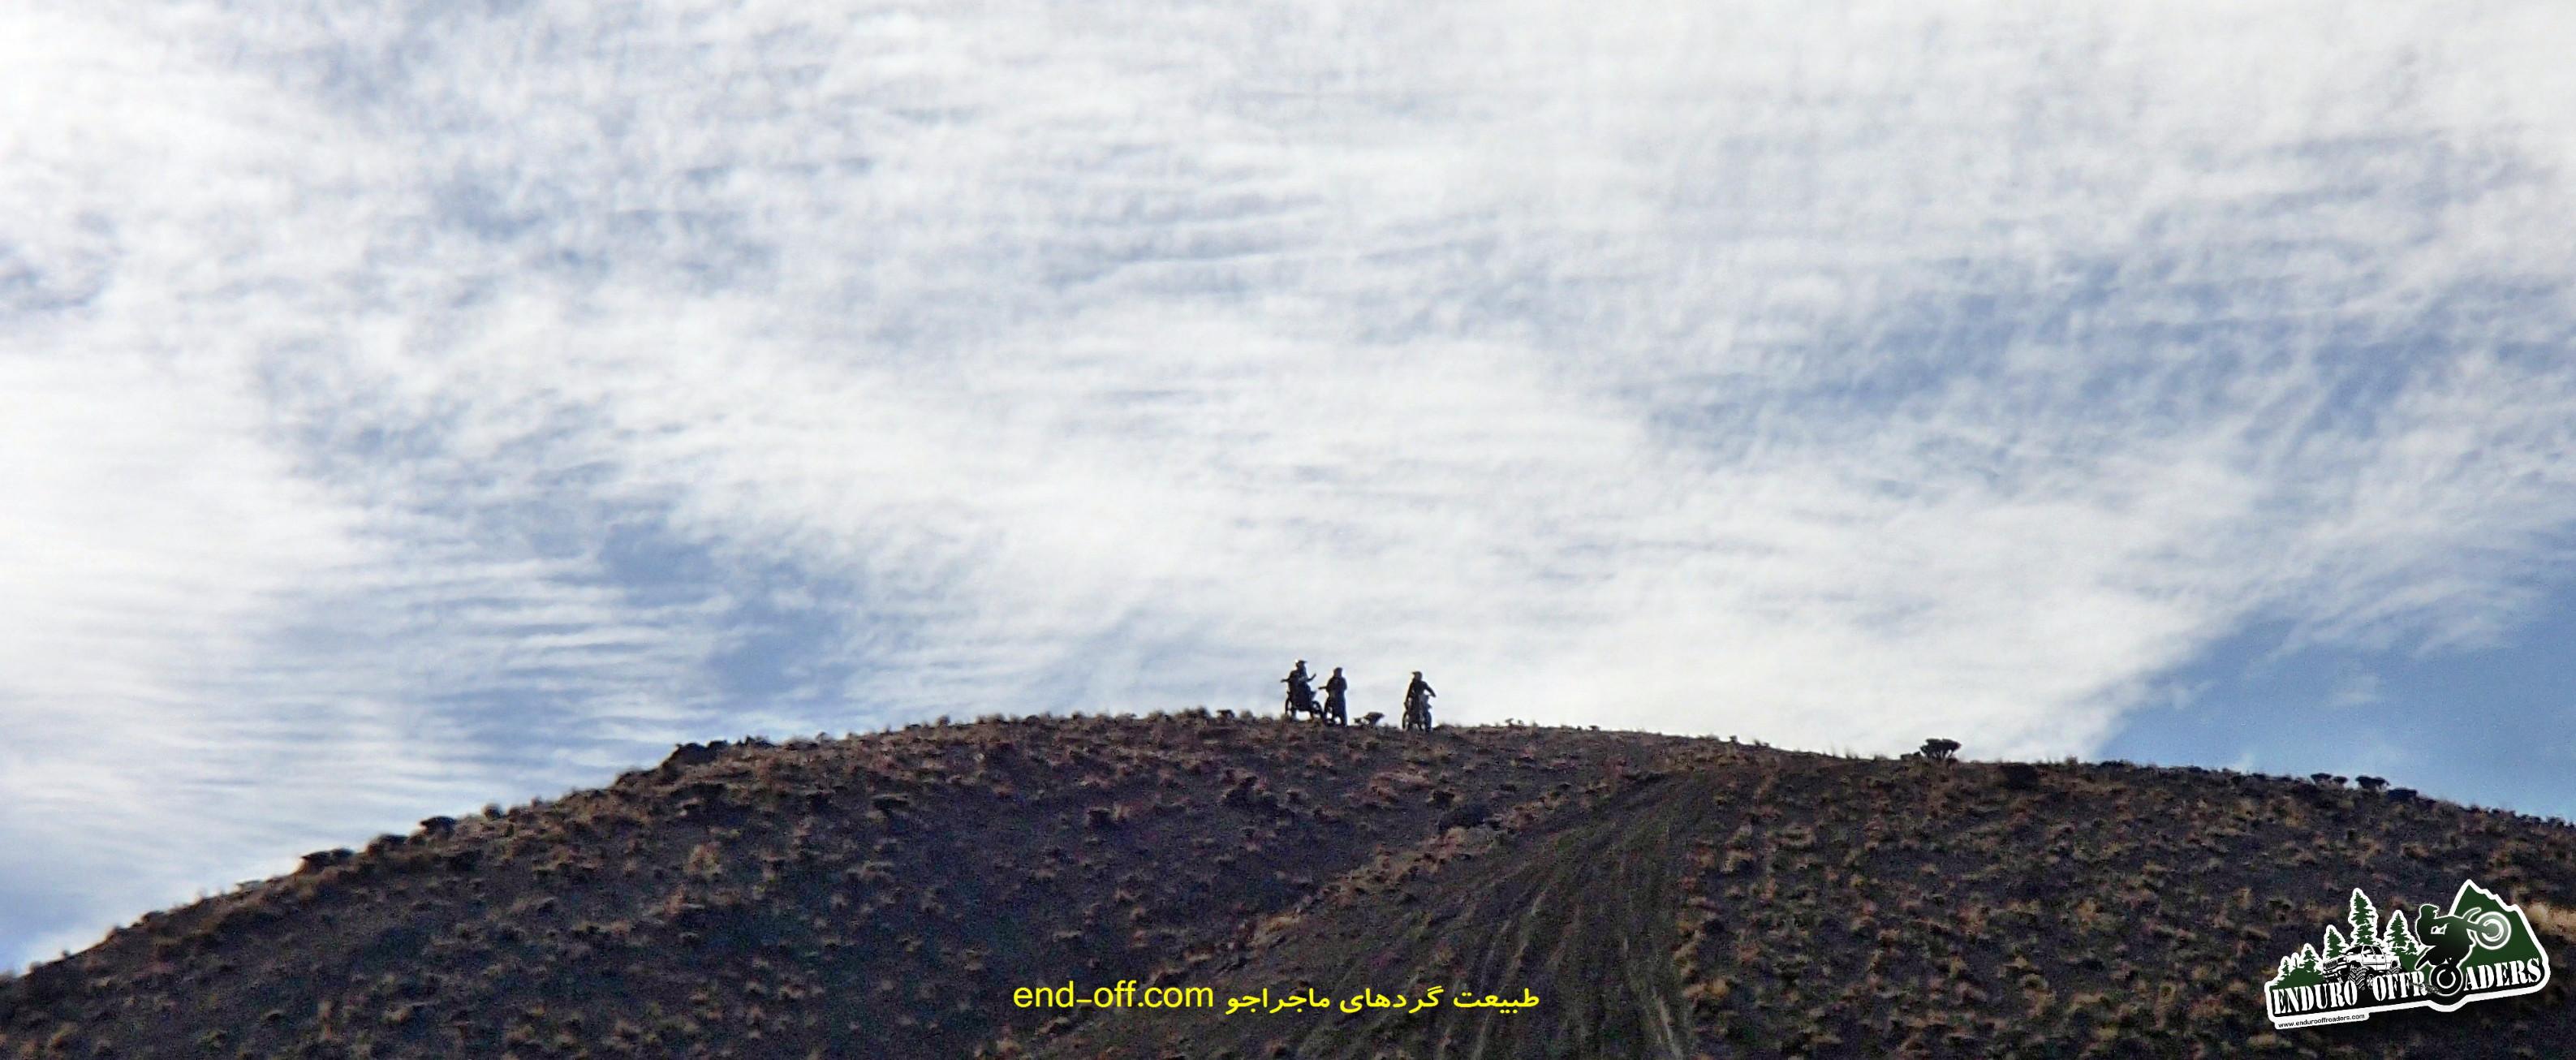 طبیعت گردی در منطقه وردیج – شمال غربی تهران